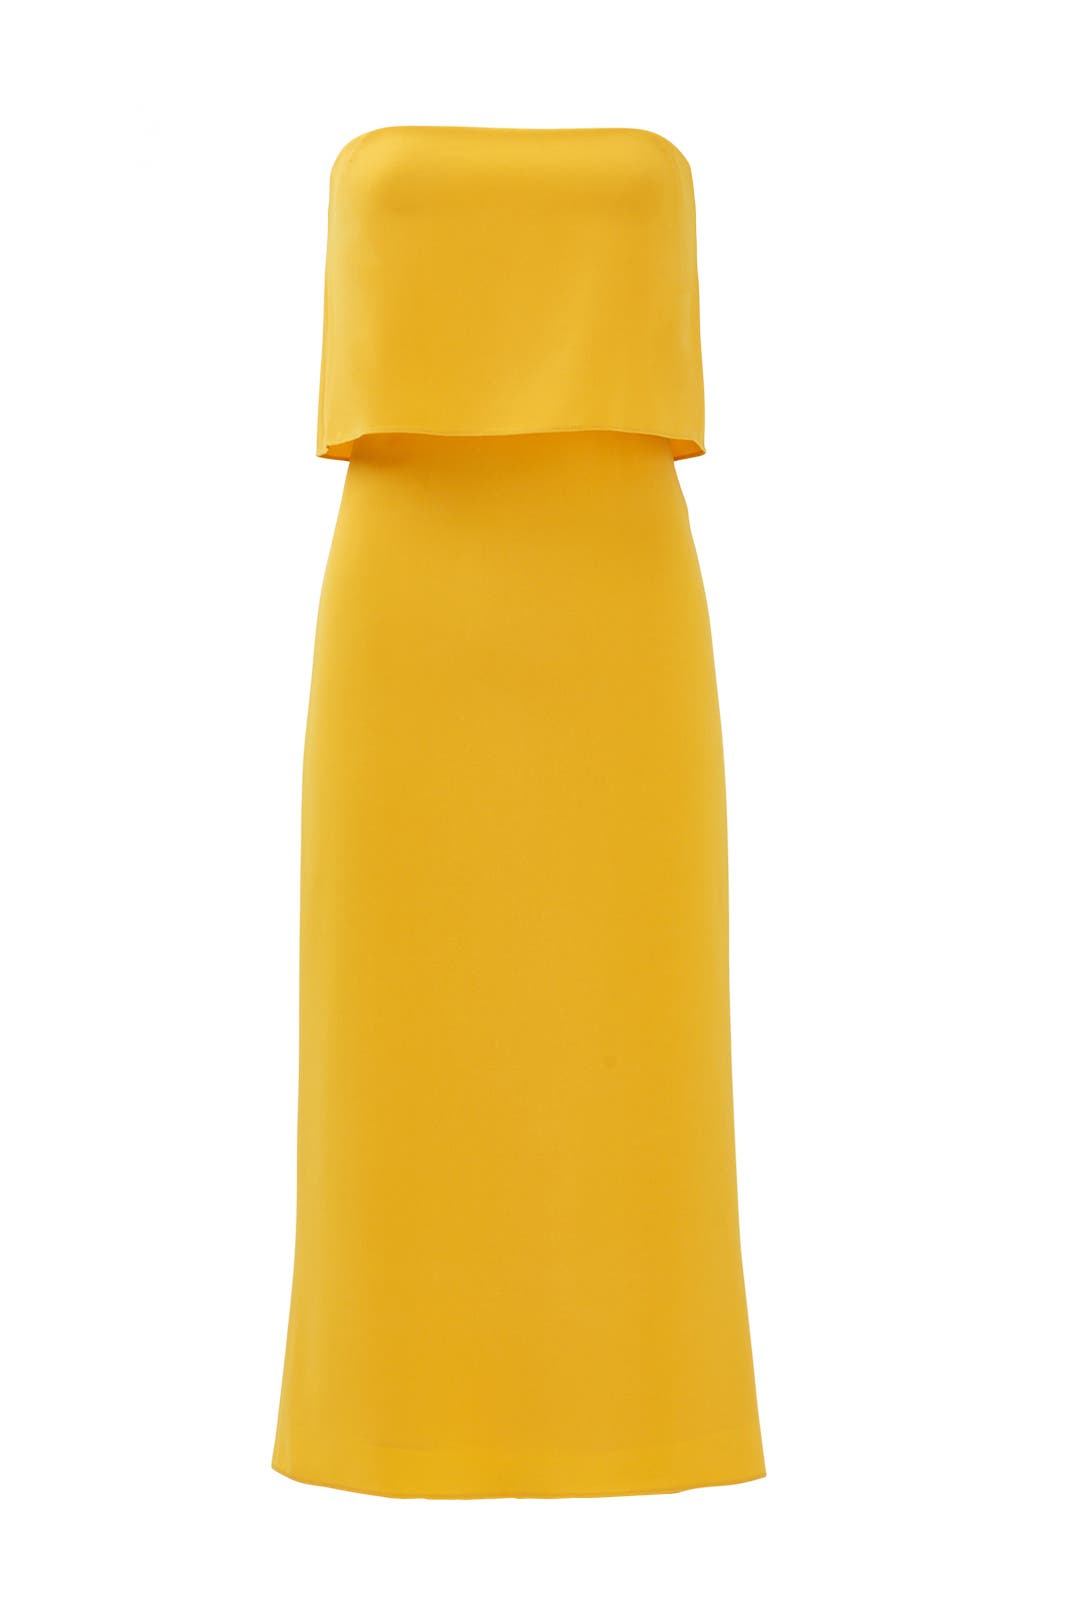 Marigold color dresses